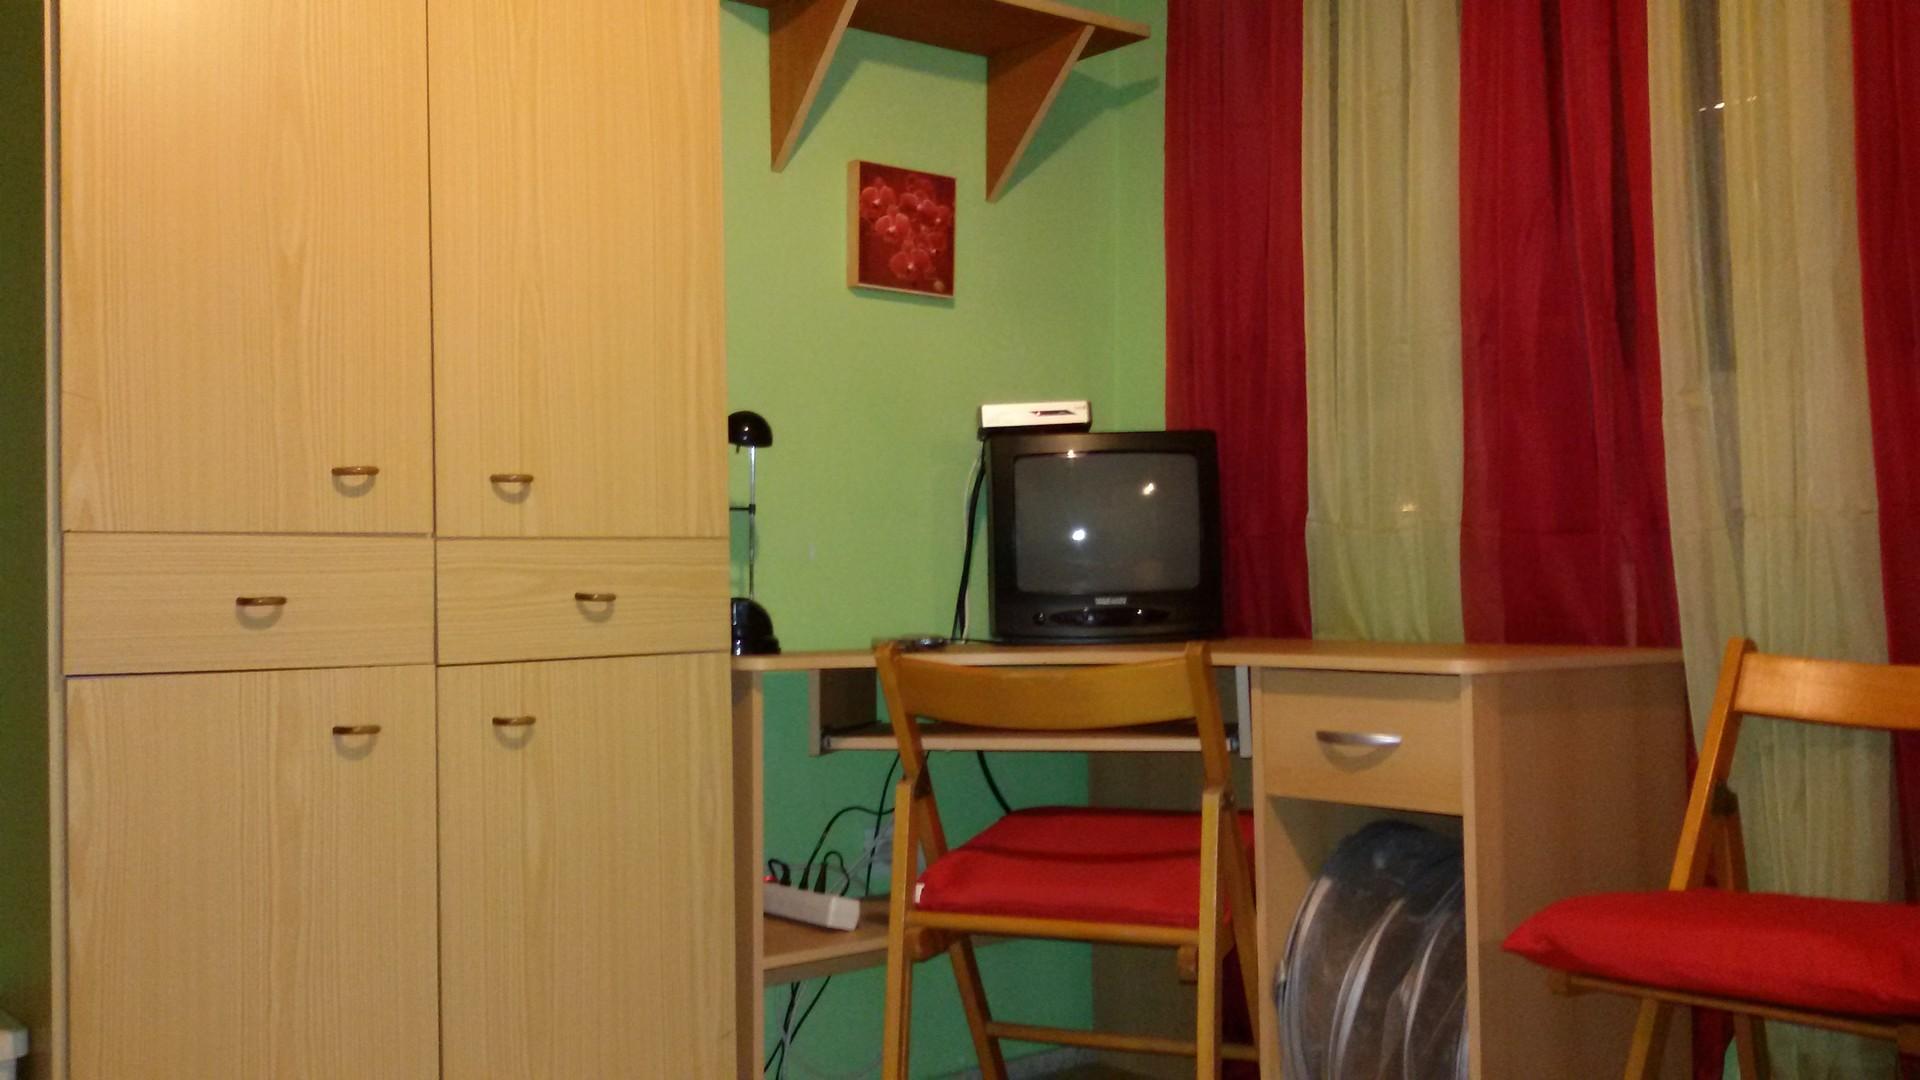 Alquiler de habitaciones en santa cruz de tenerife 50662 for Habitaciones en santa cruz de tenerife